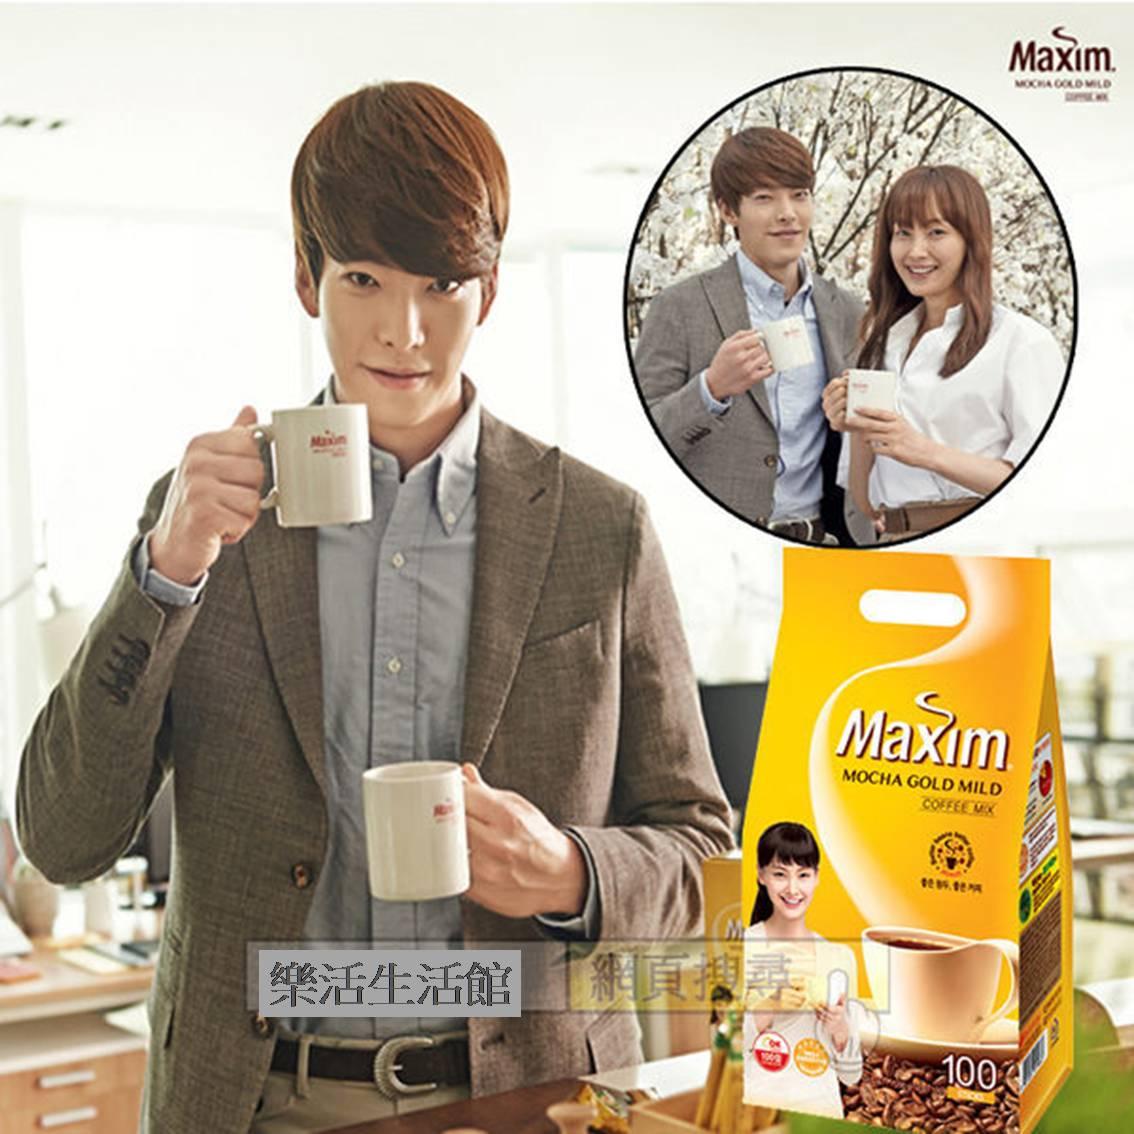 韓國Maxim麥心 摩卡 /原味 (有貨)三合一咖啡 (單支12克)  兩種口味 (請註明口味 ) 樂活生活館